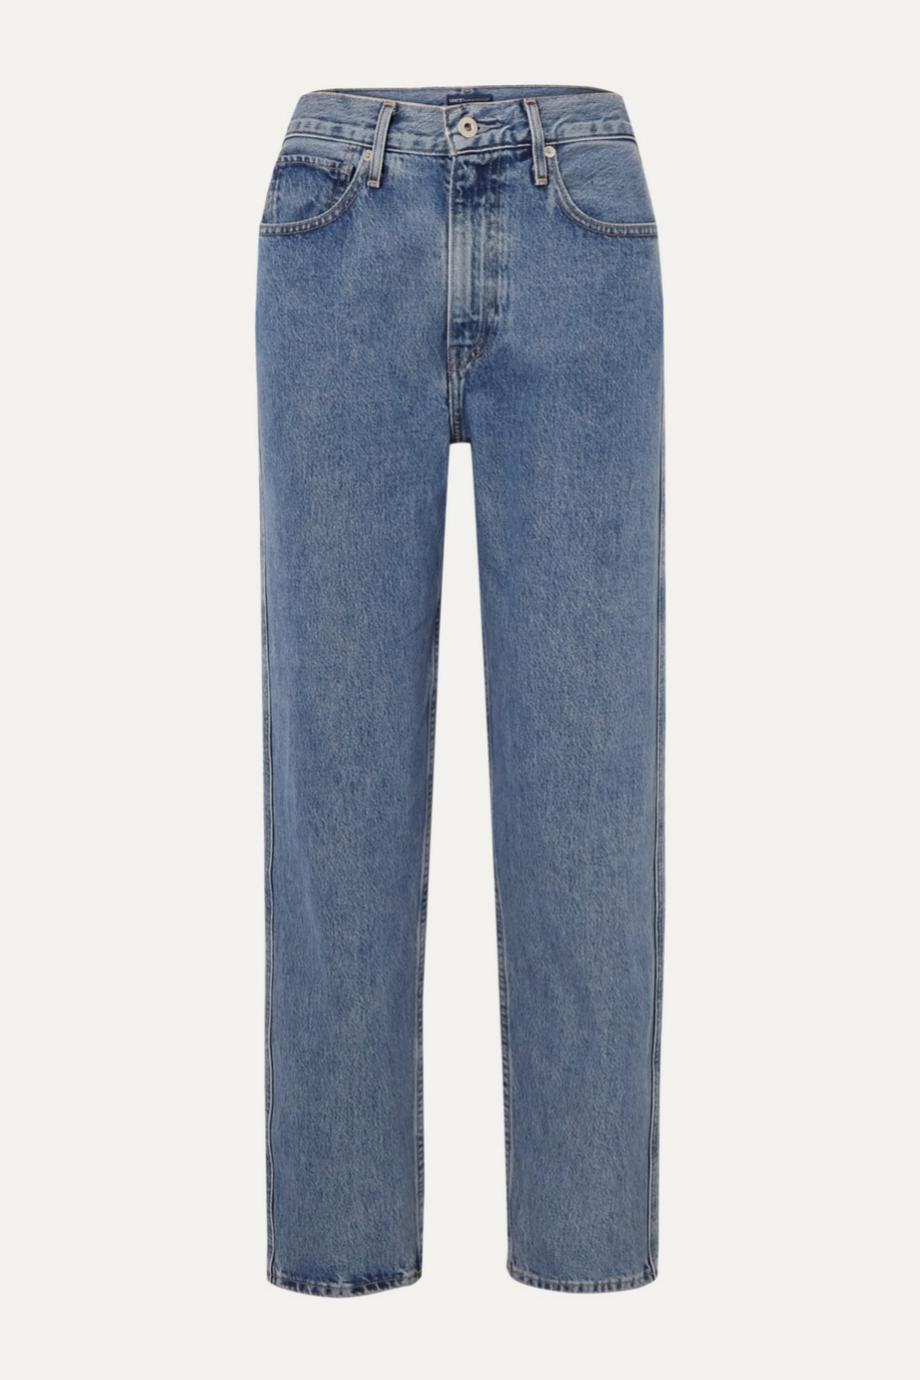 Mom jeans de efecto lavado de Levi's para Net a porter (140¤)